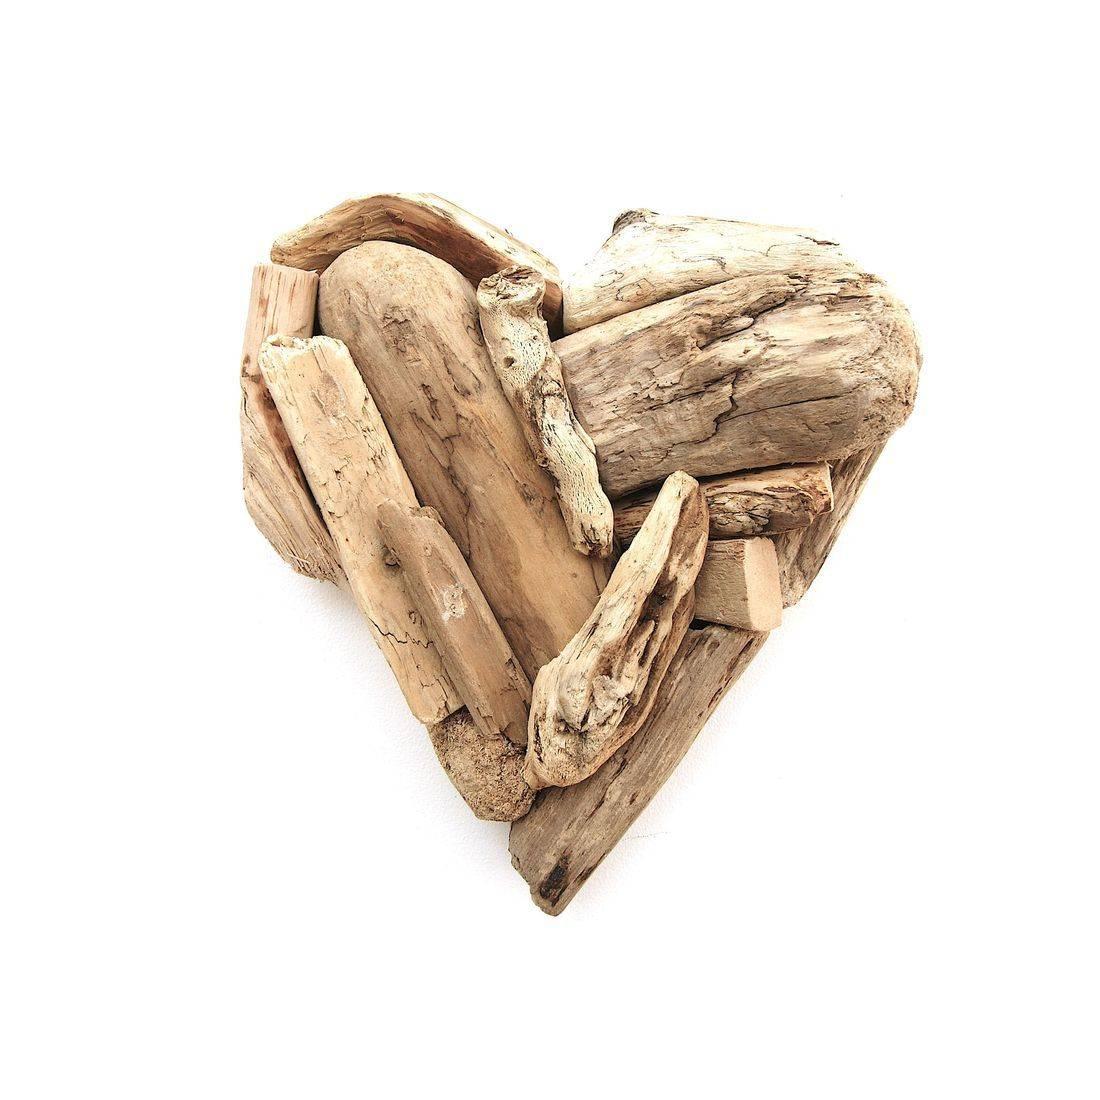 Driftwood Heart 7